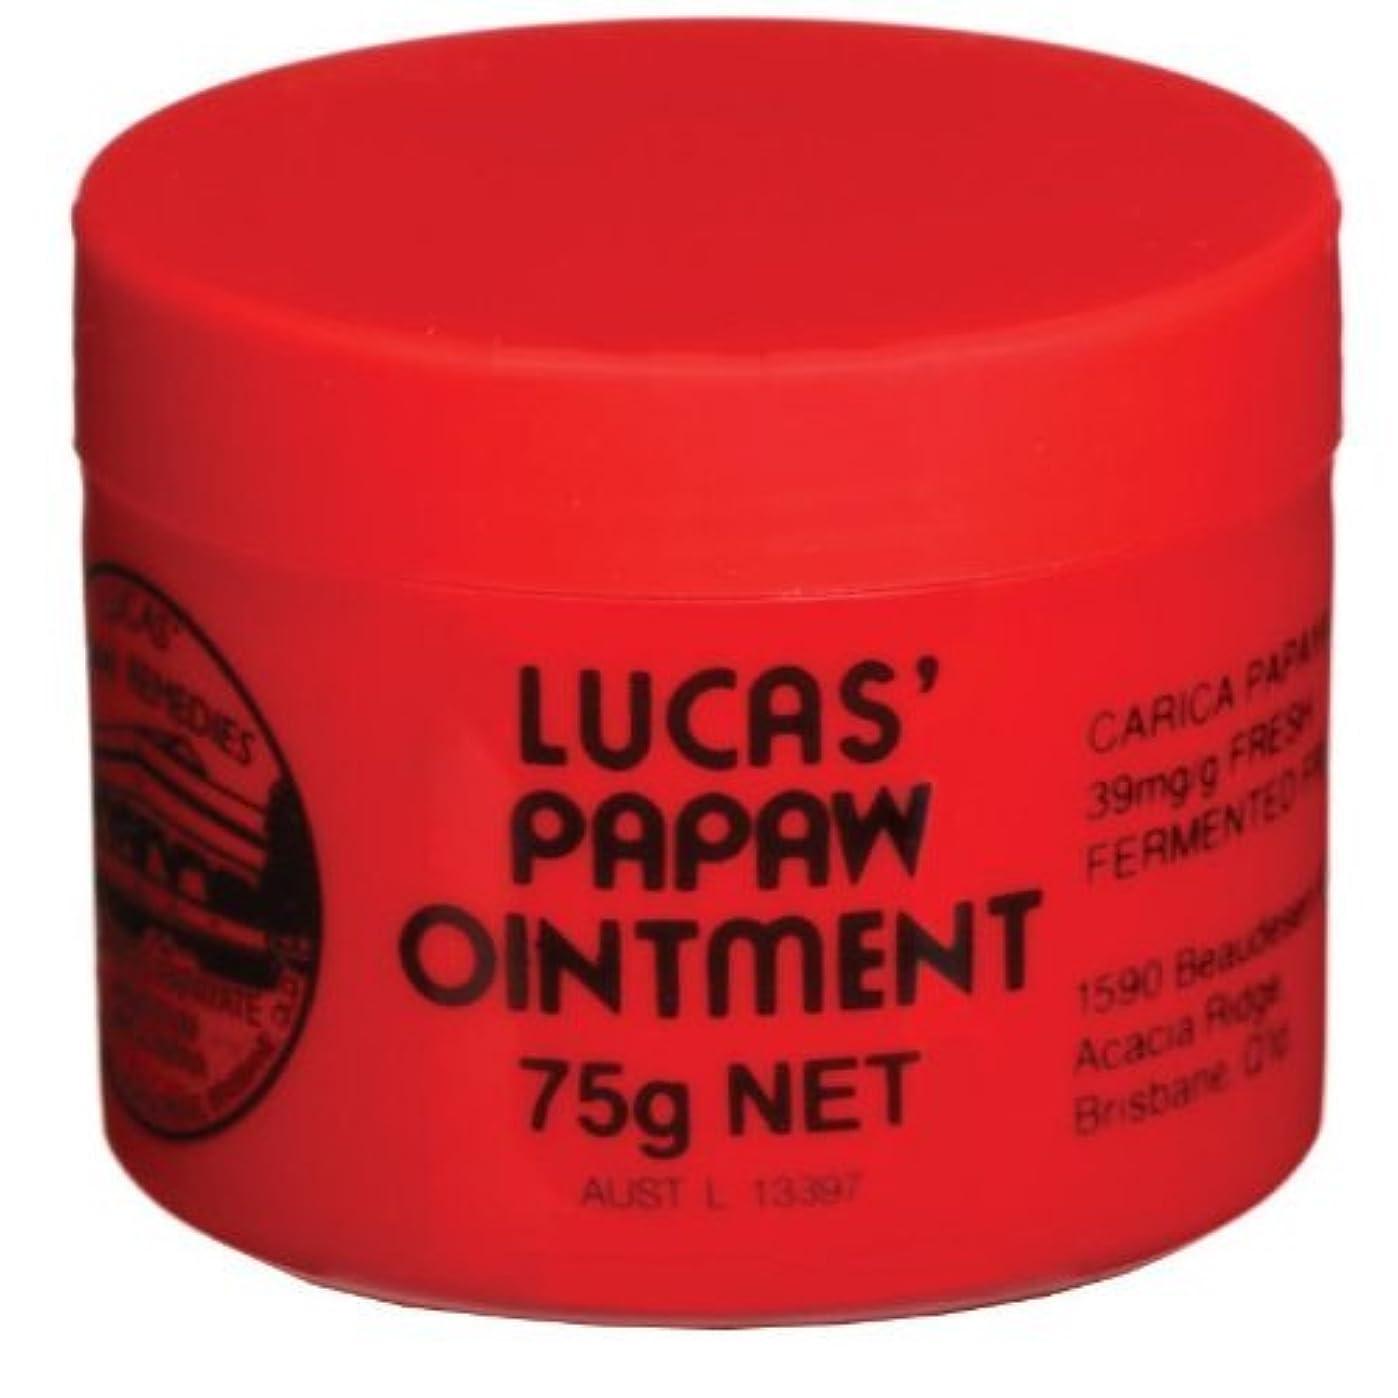 マージ反乱真実[Lucas' Papaw Ointment] ルーカスポーポークリーム 75g